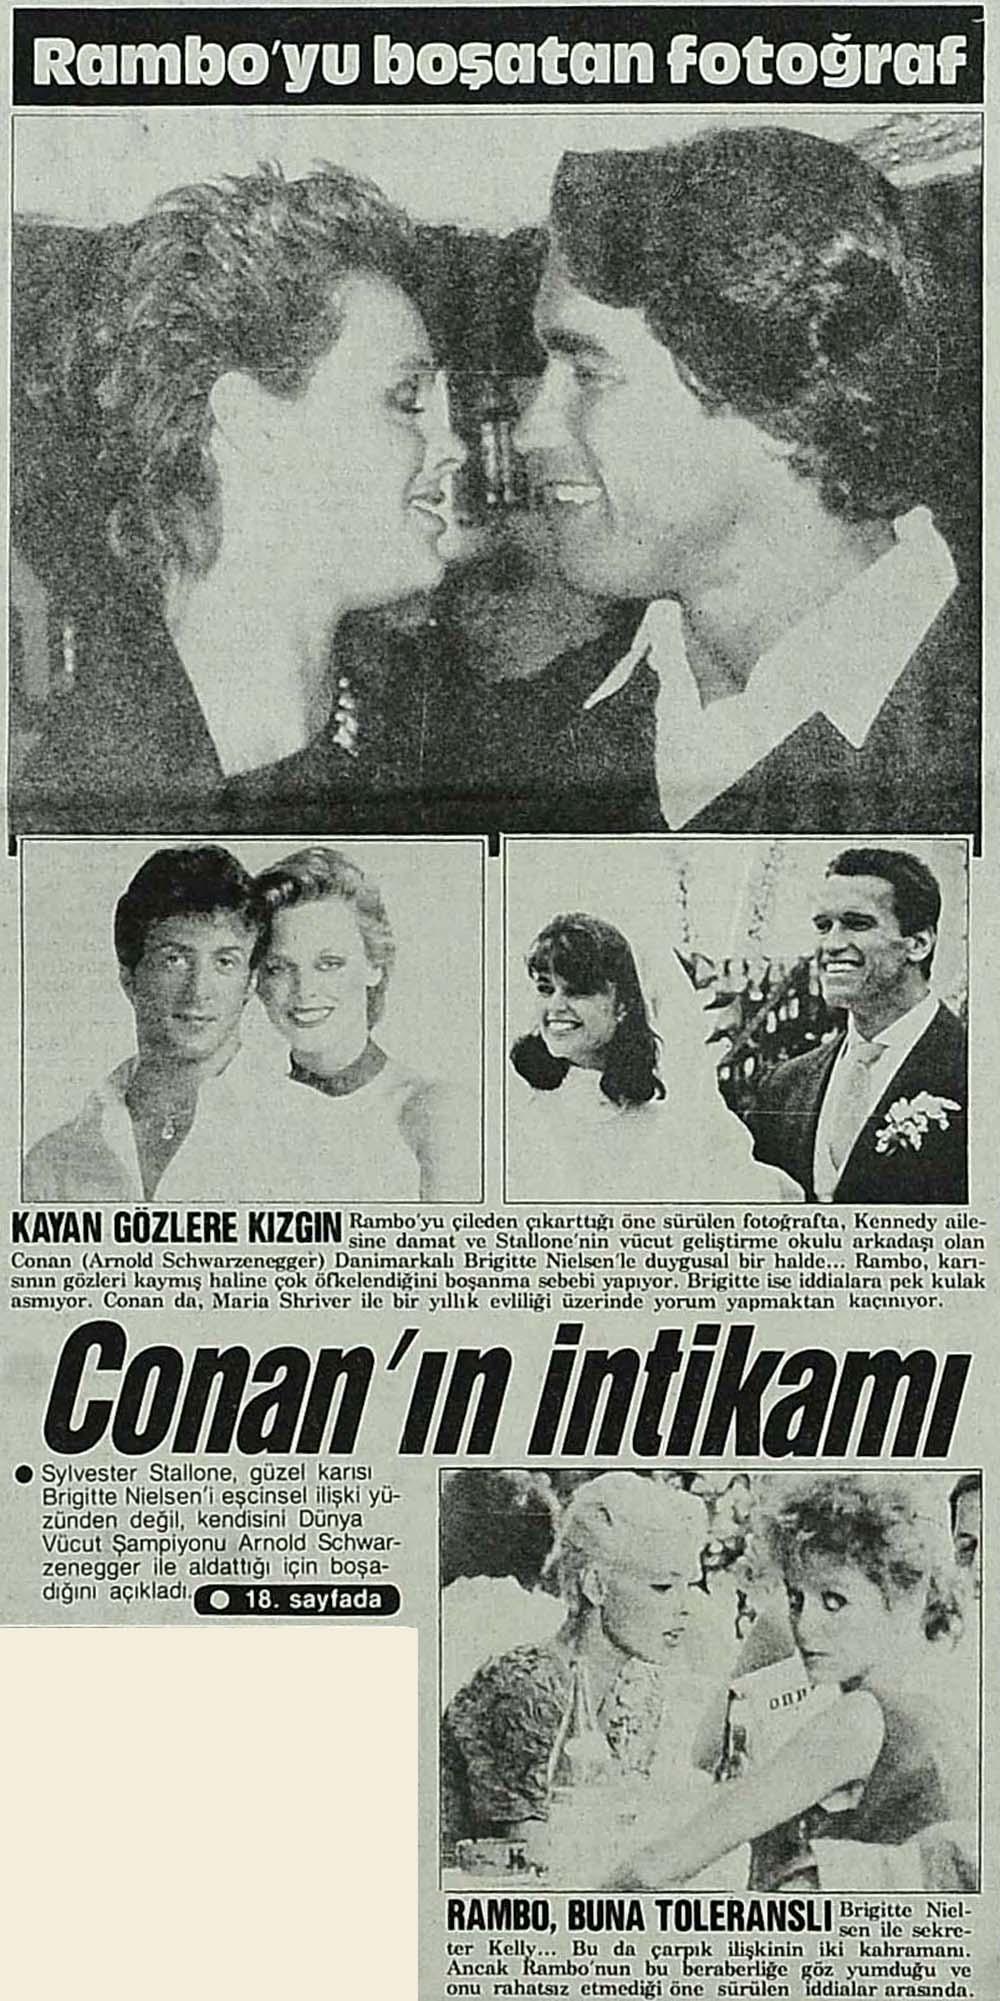 Conan'ın intikamı